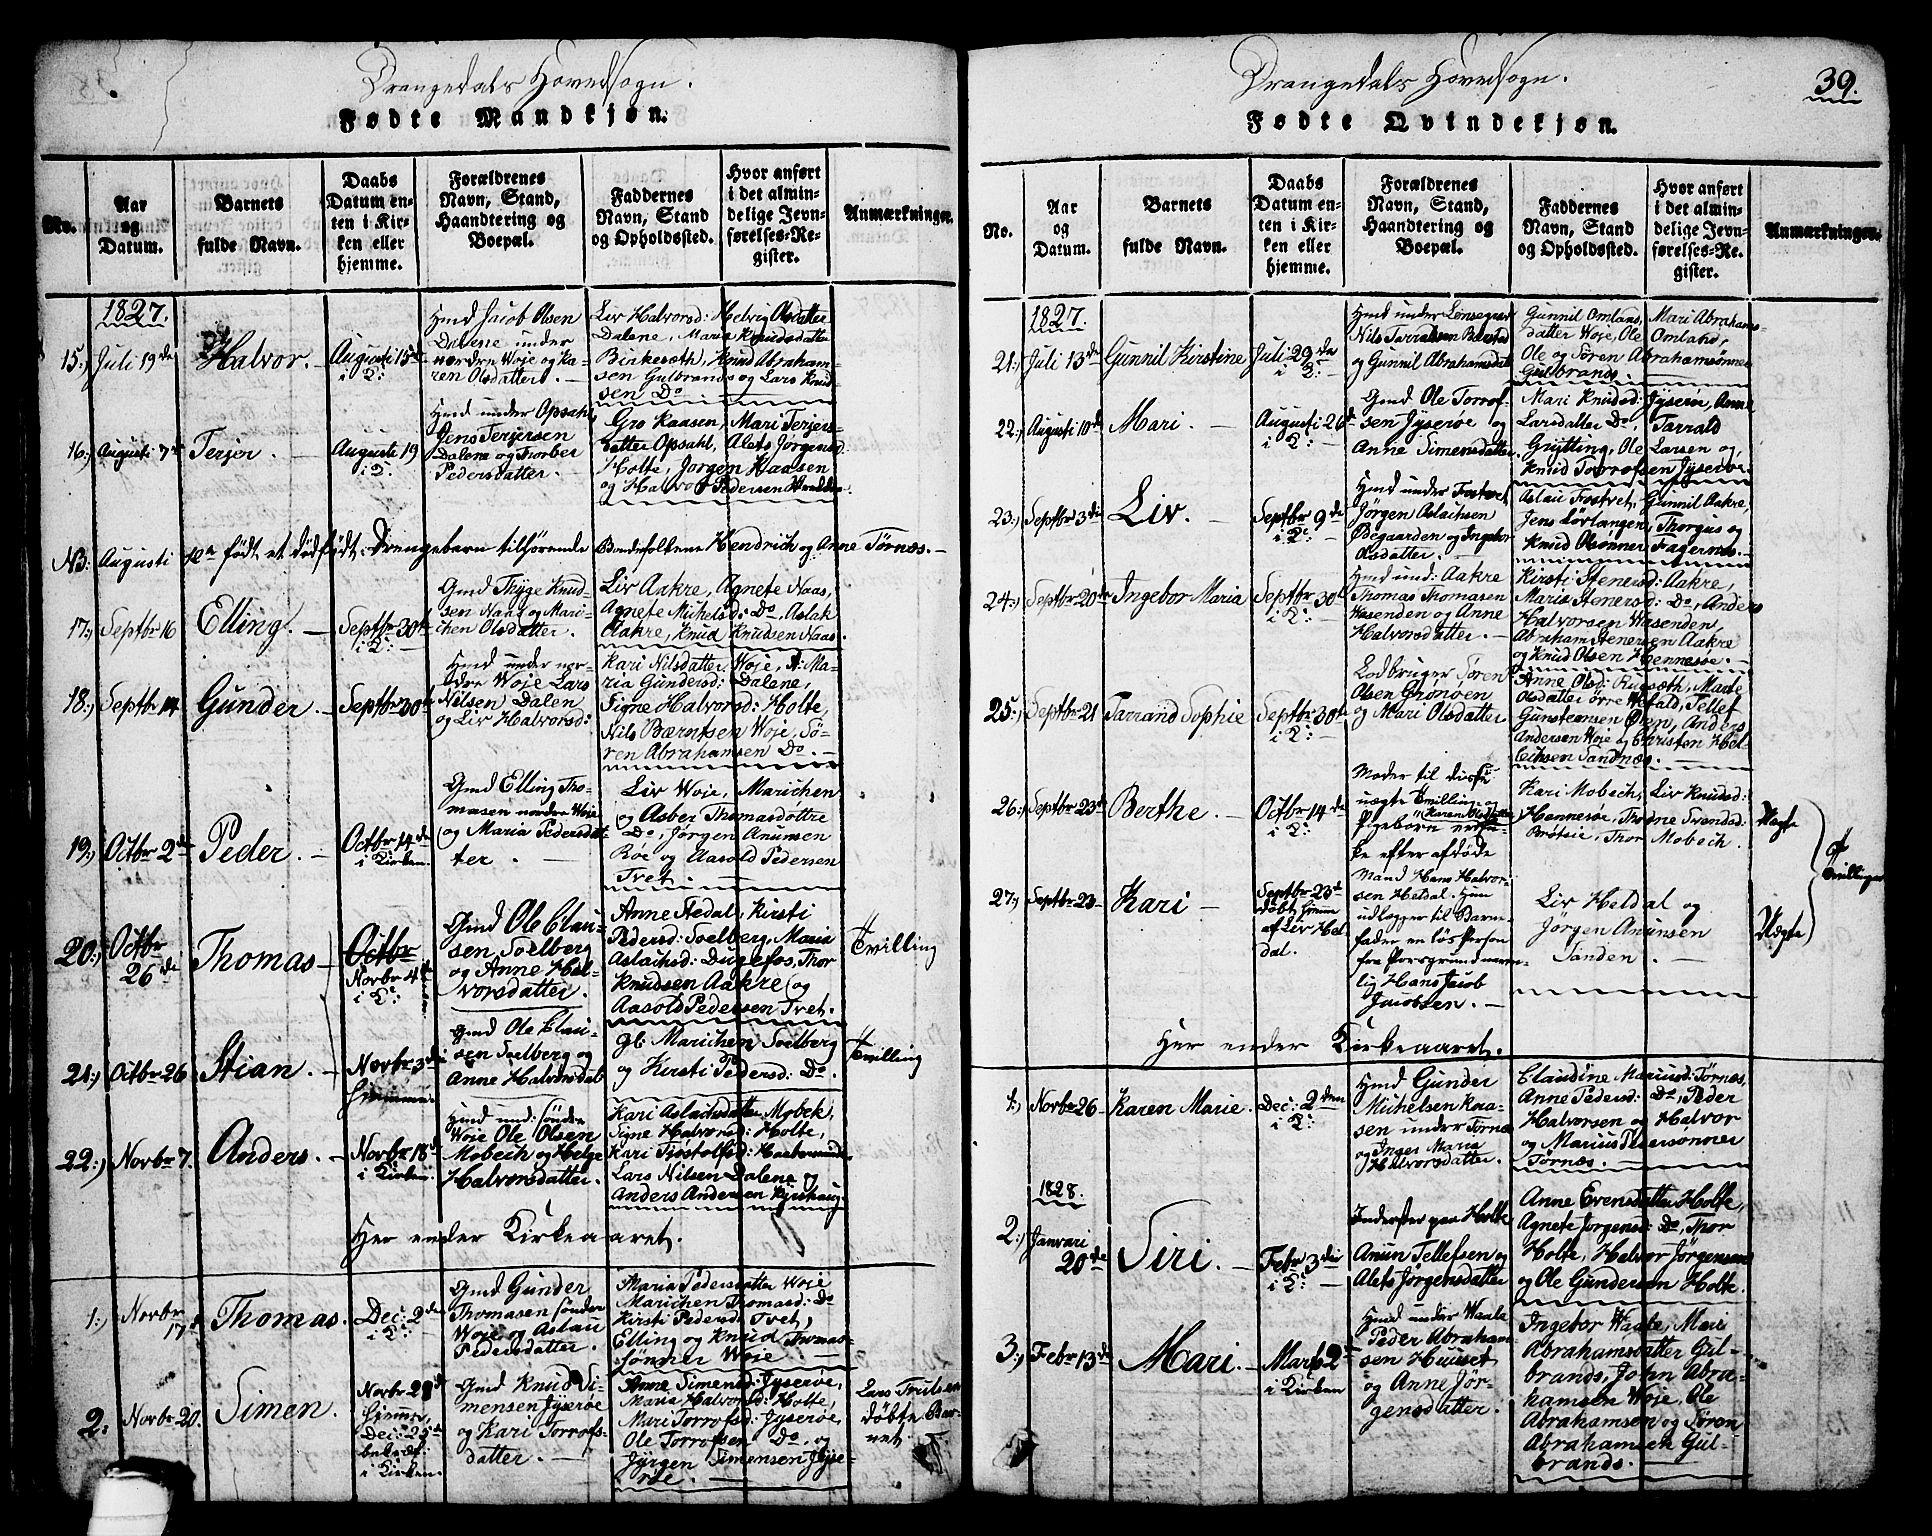 SAKO, Drangedal kirkebøker, G/Ga/L0001: Klokkerbok nr. I 1 /1, 1814-1856, s. 39